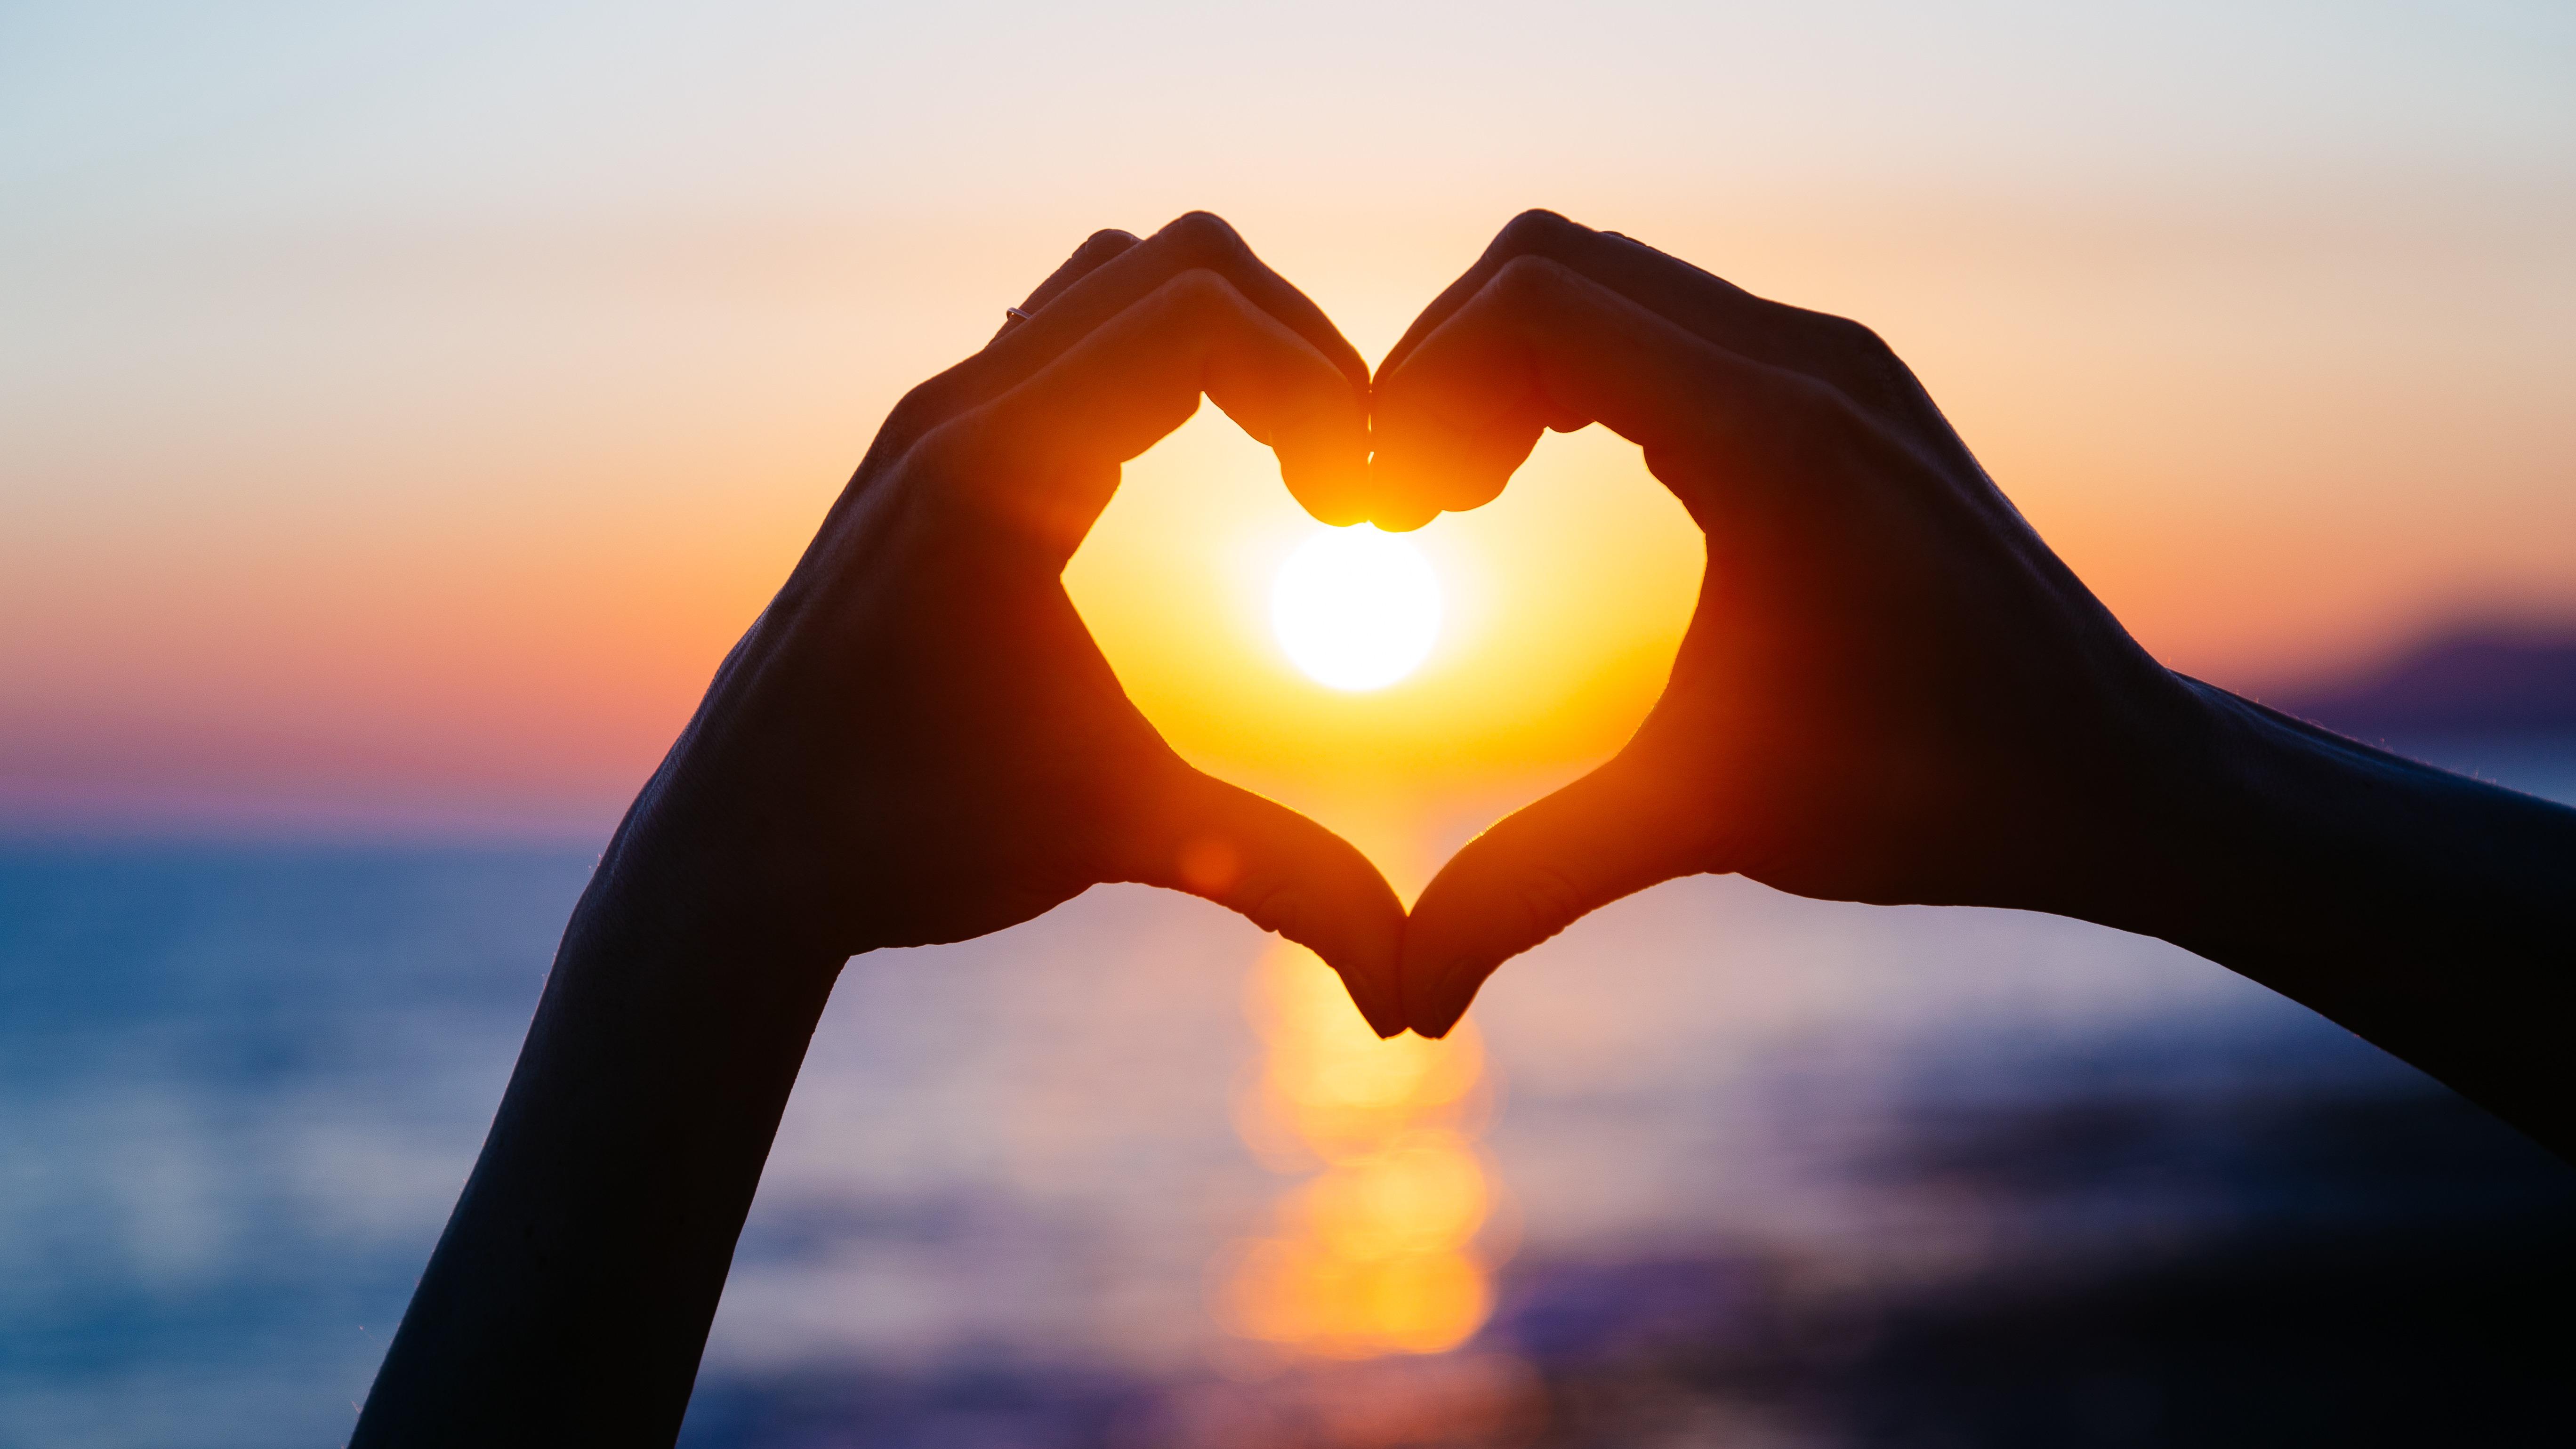 David Lira, neurólogo del Instituto Peruano de Neurociencias, explica que el amor es un proceso biológico que se inicia con una atracción física y tiene su raíz fisiológica en el hipotálamo.